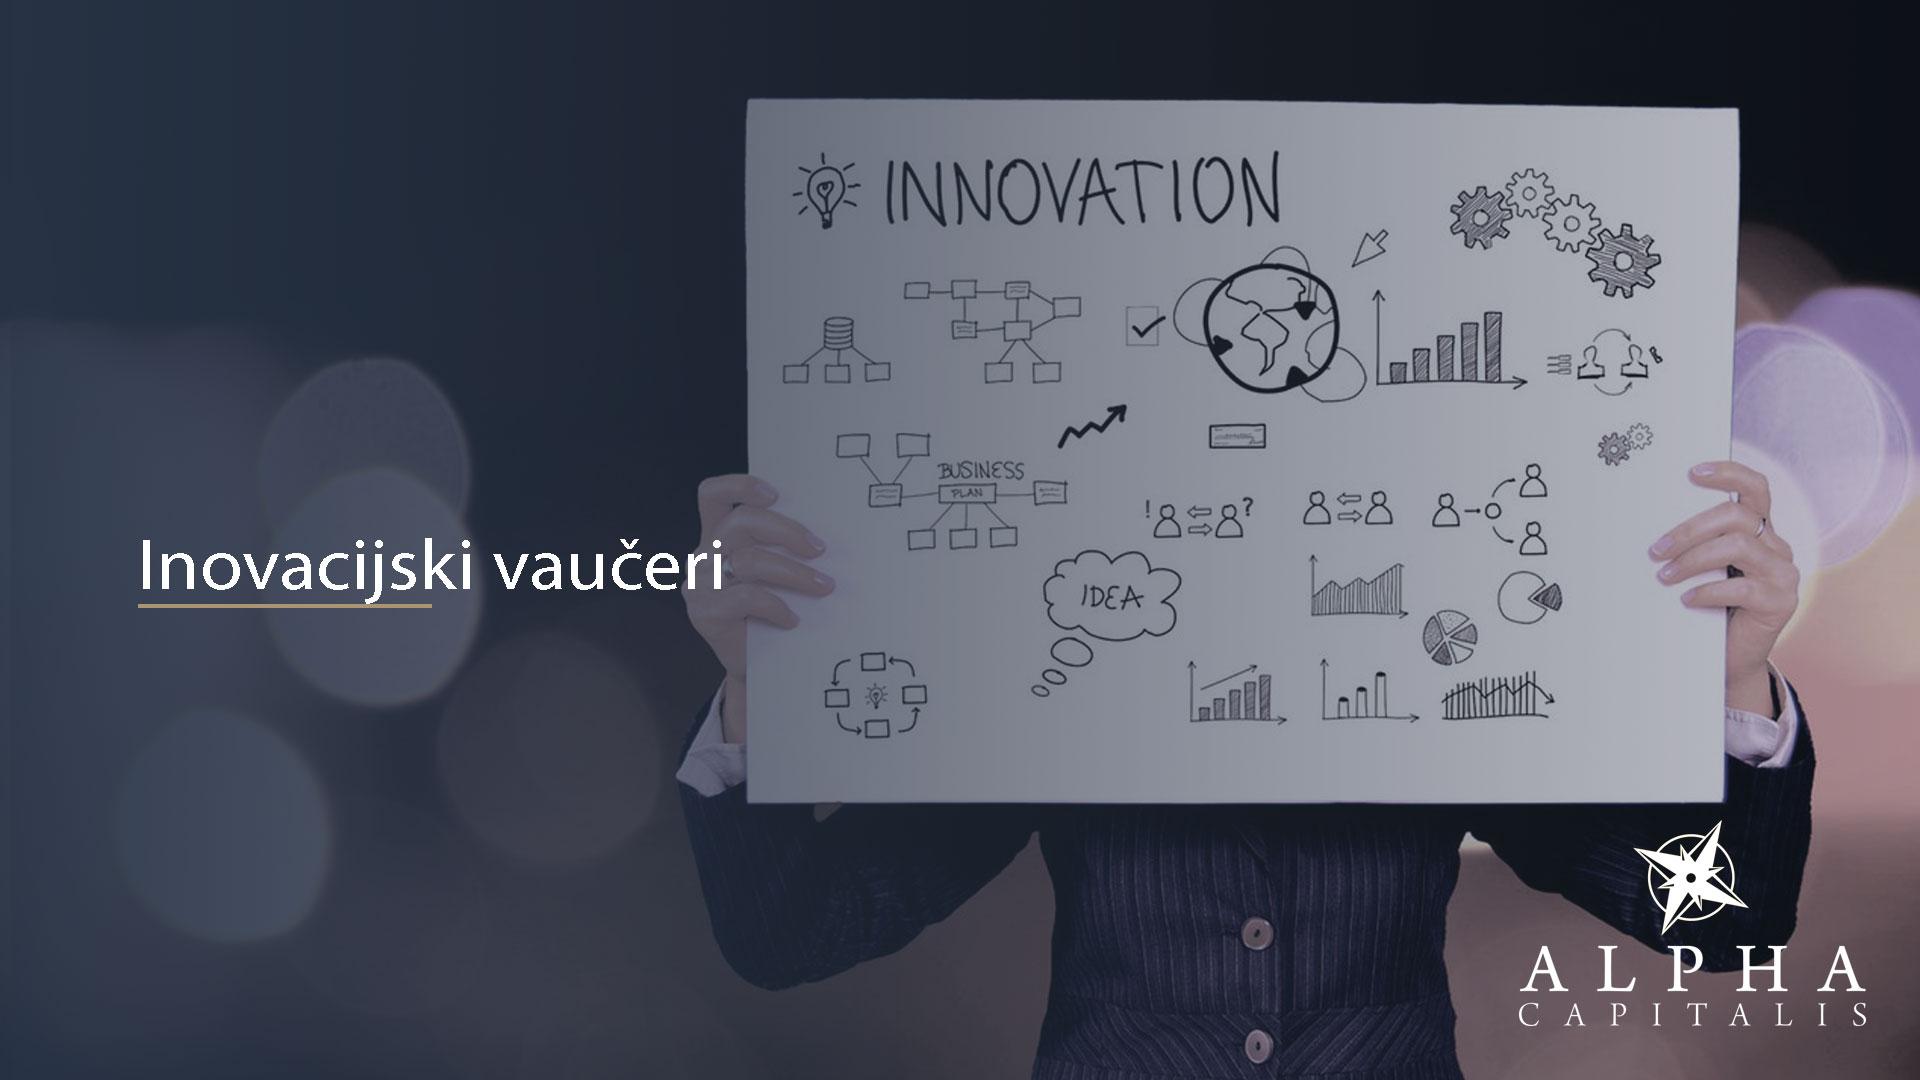 alpha-capitalis-Inovacijski-vaučeri